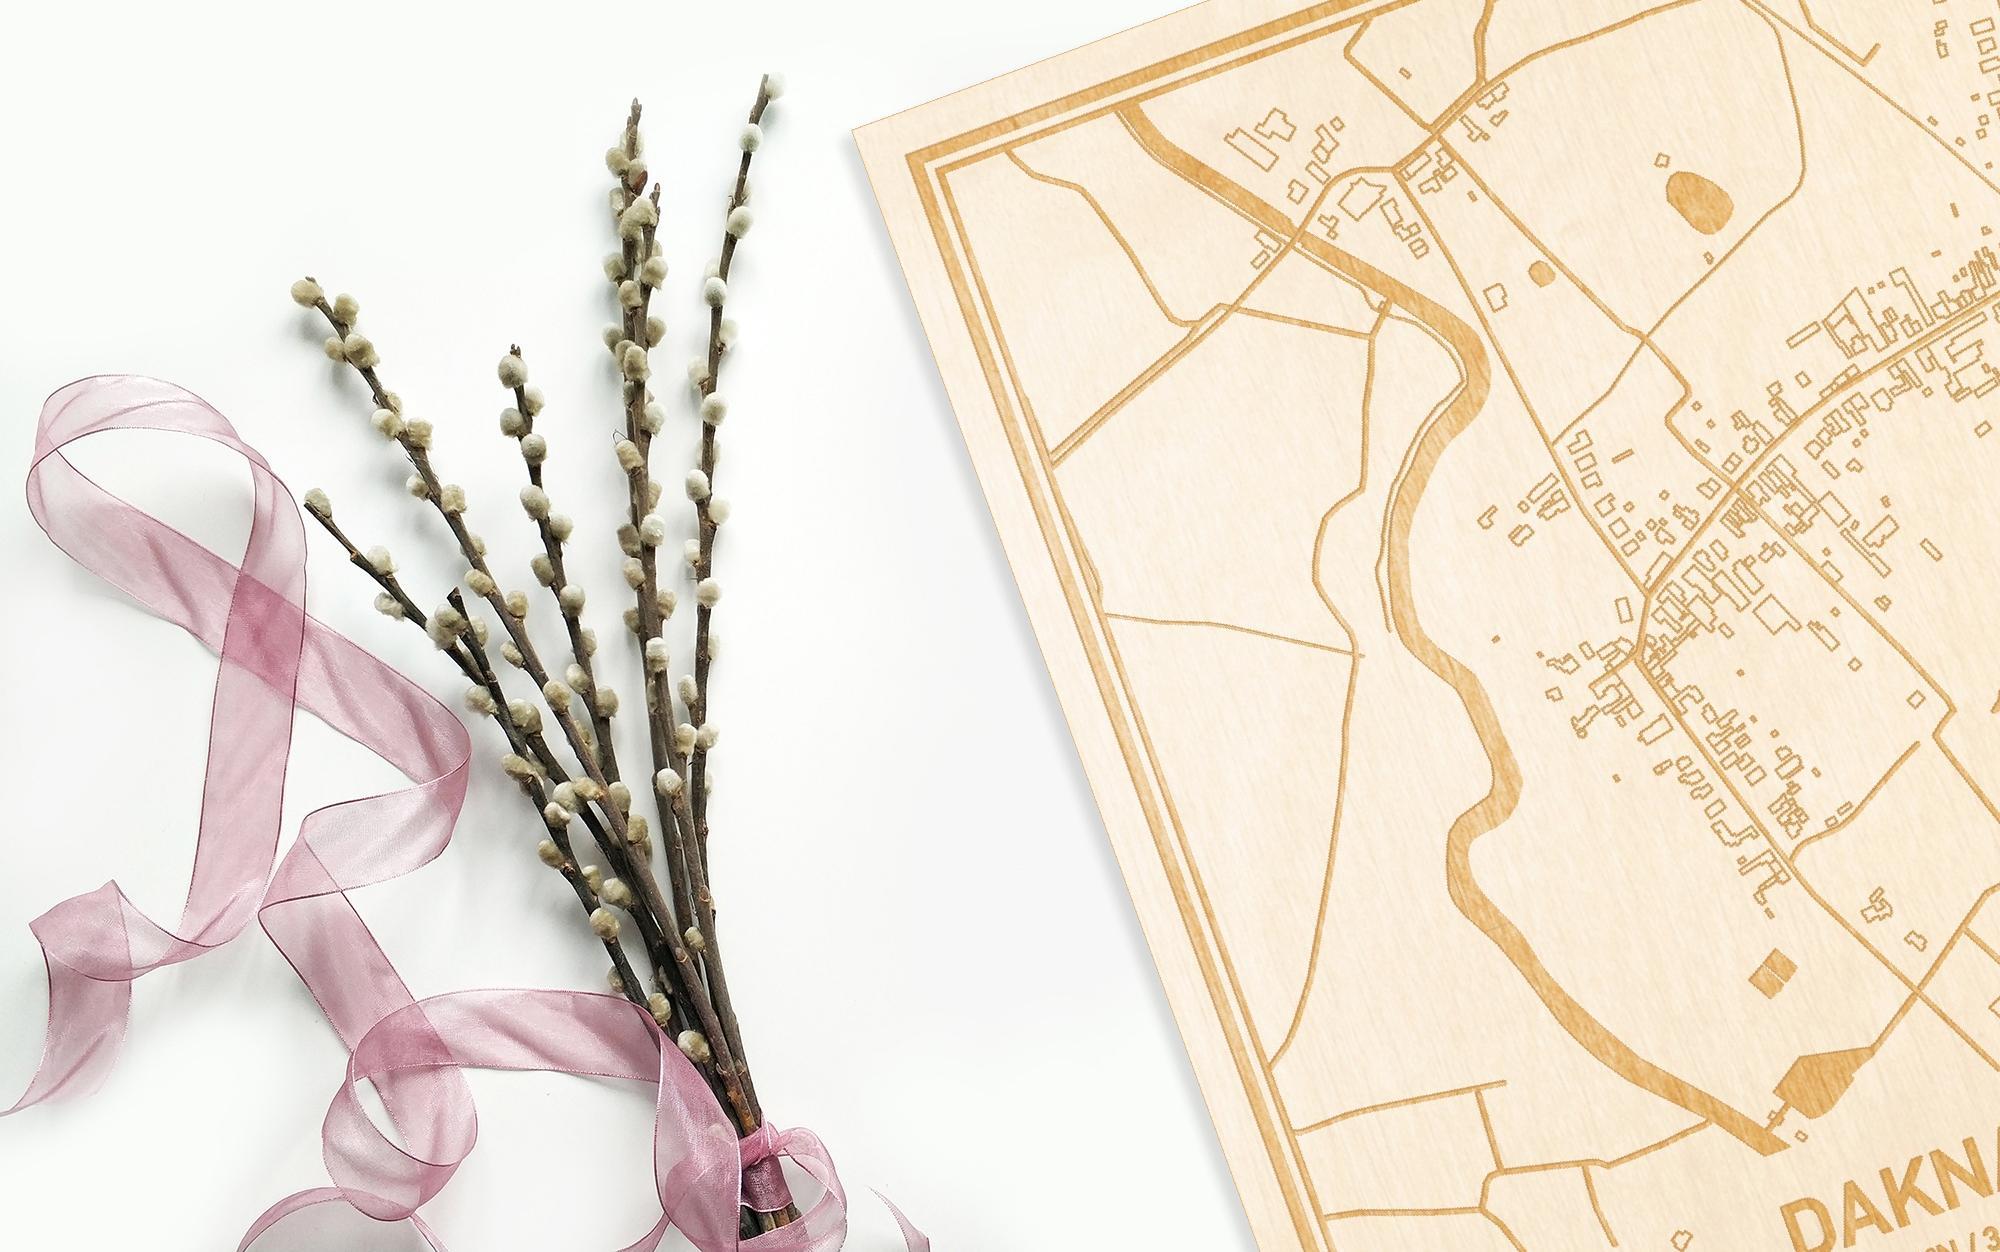 Hier ligt de houten plattegrond Daknam naast een bloemetje als gepersonaliseerd cadeau voor haar.